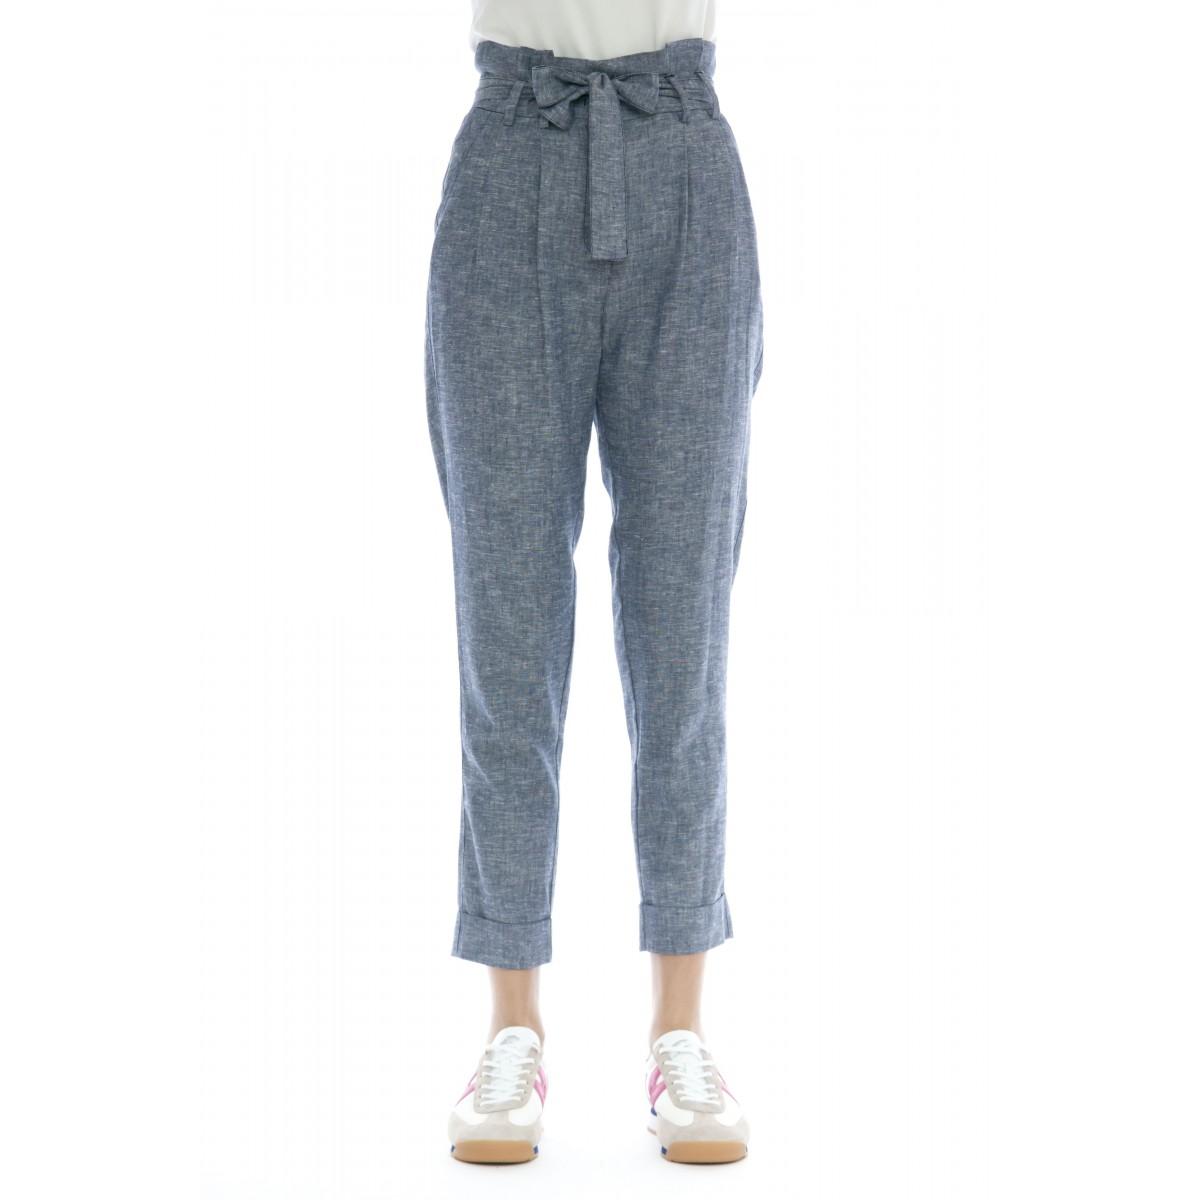 Pantalone donna - Net pantalone denim